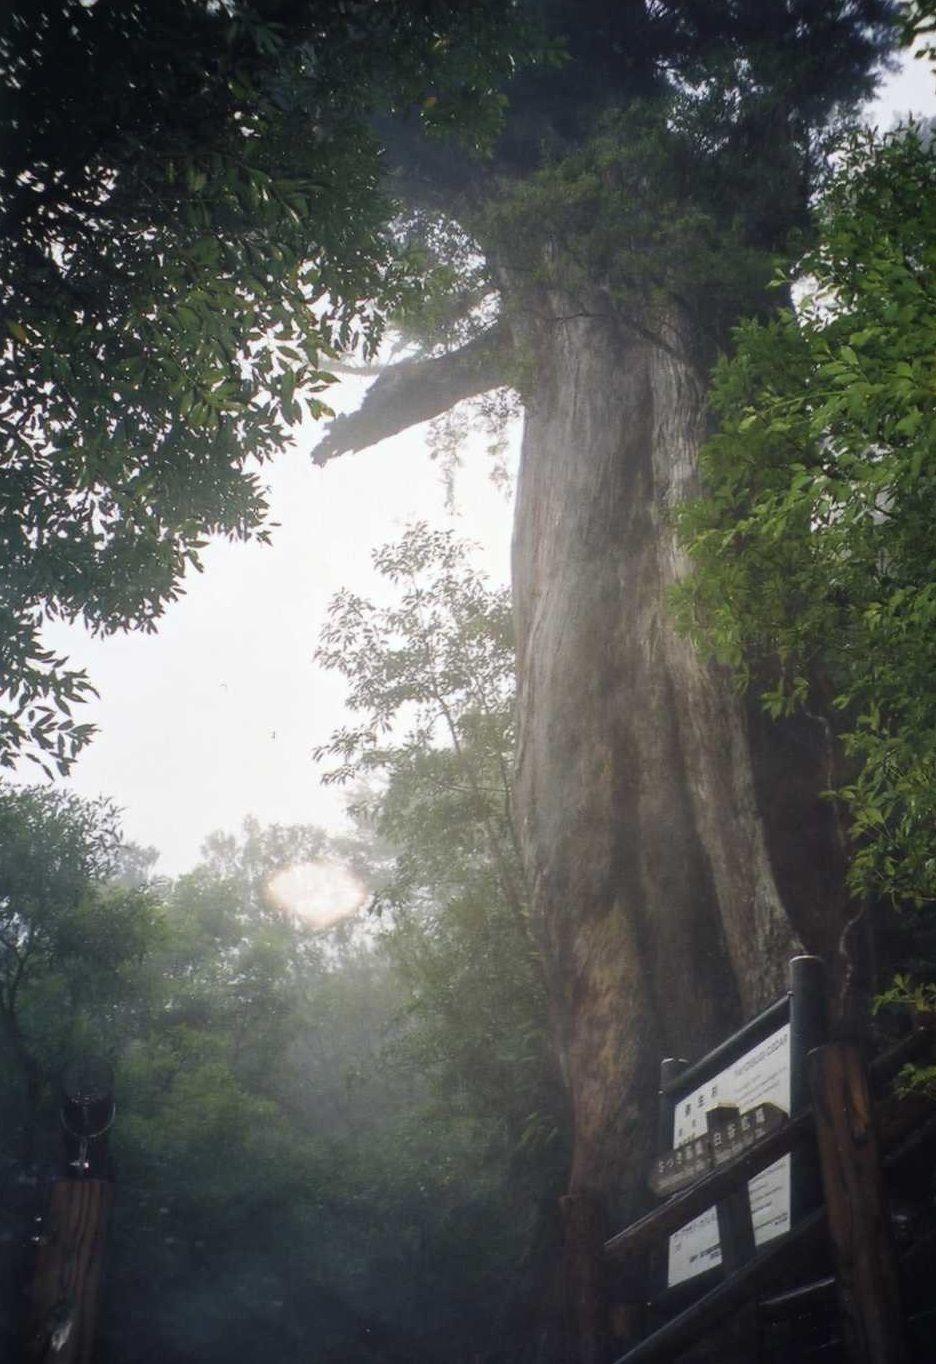 「もののけ姫」の森のモデルになった白谷雲水峡にある弥生杉